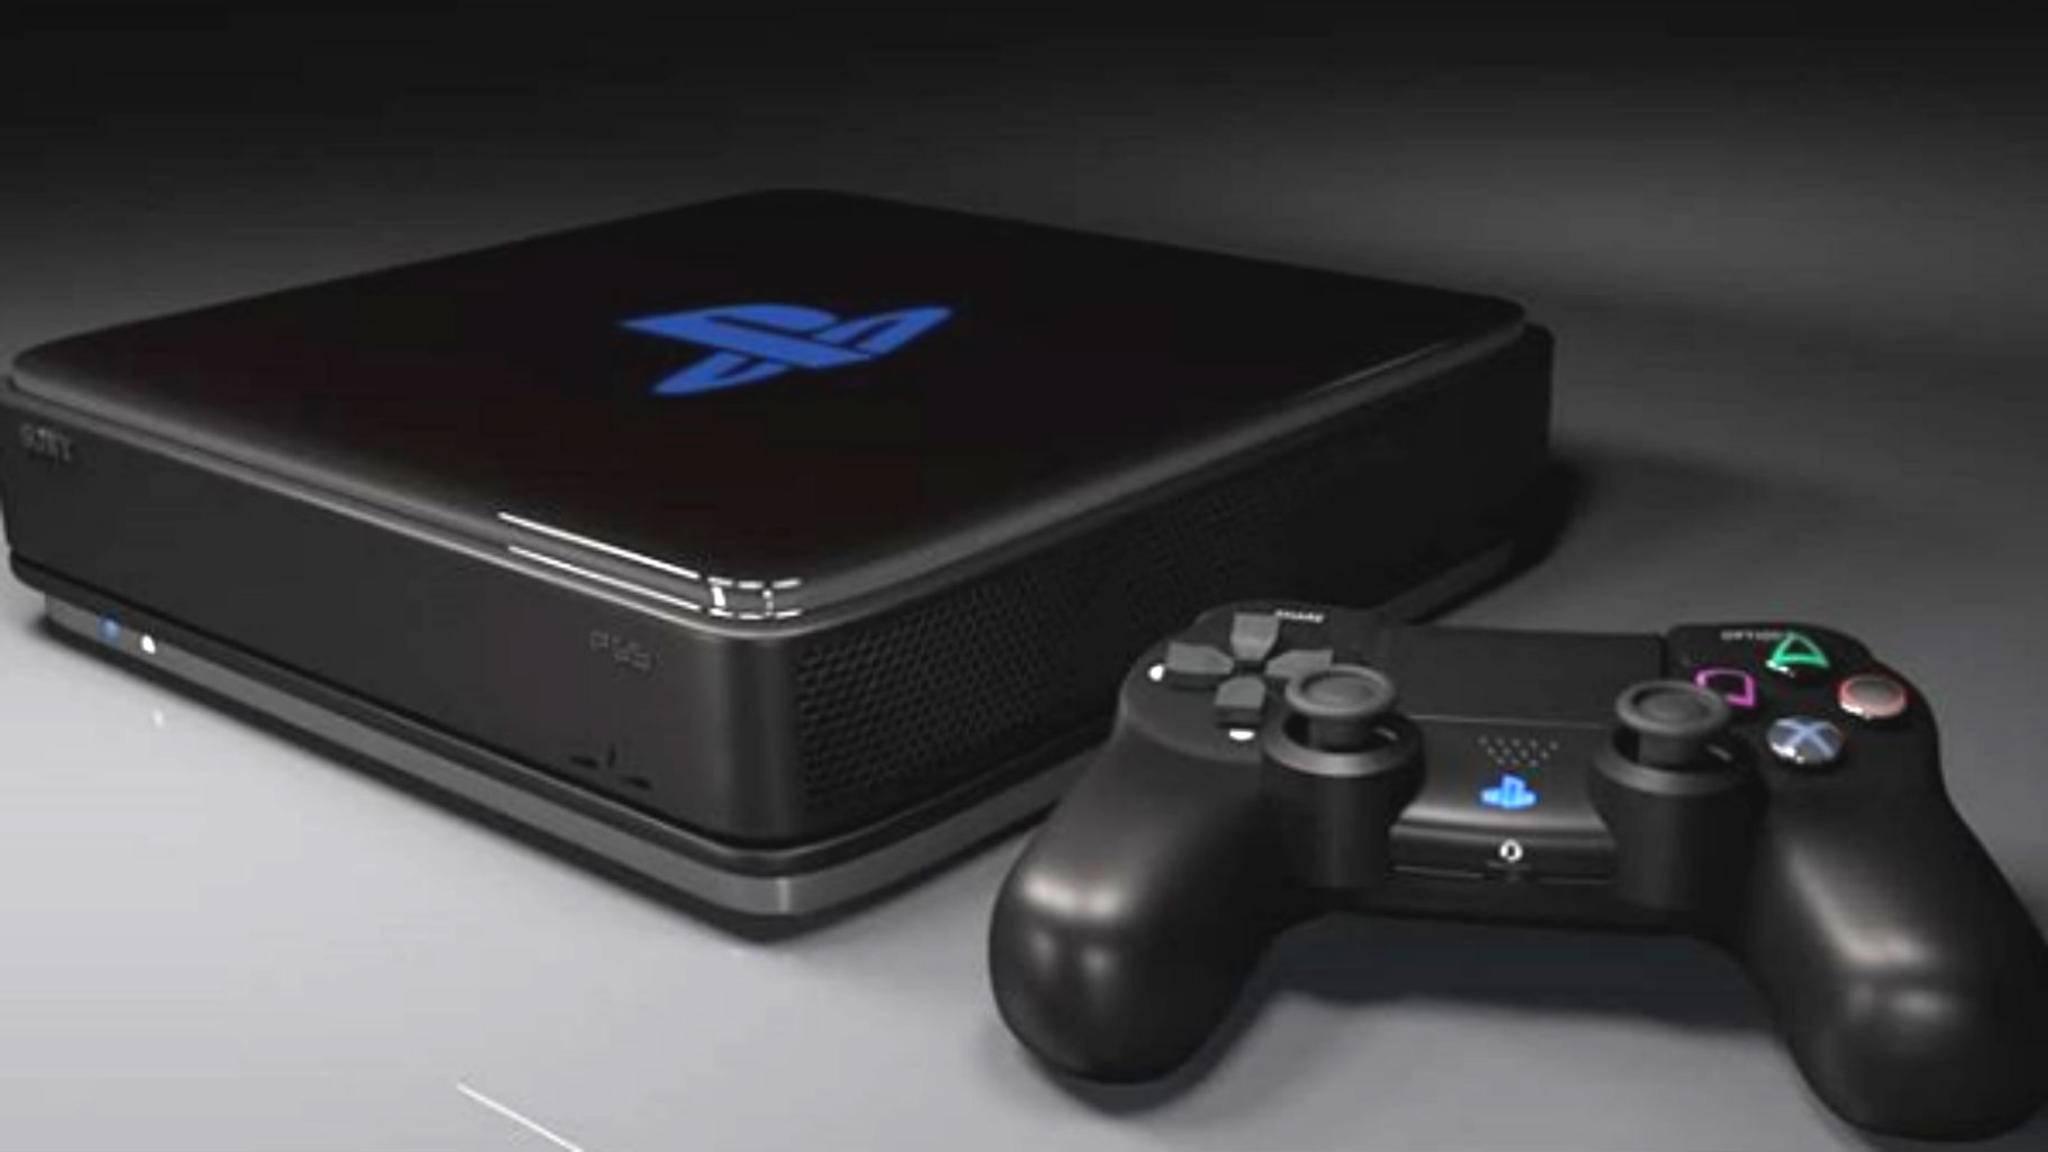 Ziemlich sicher wird die PS5 wohl auch ältere PS4-Games abspielen können.